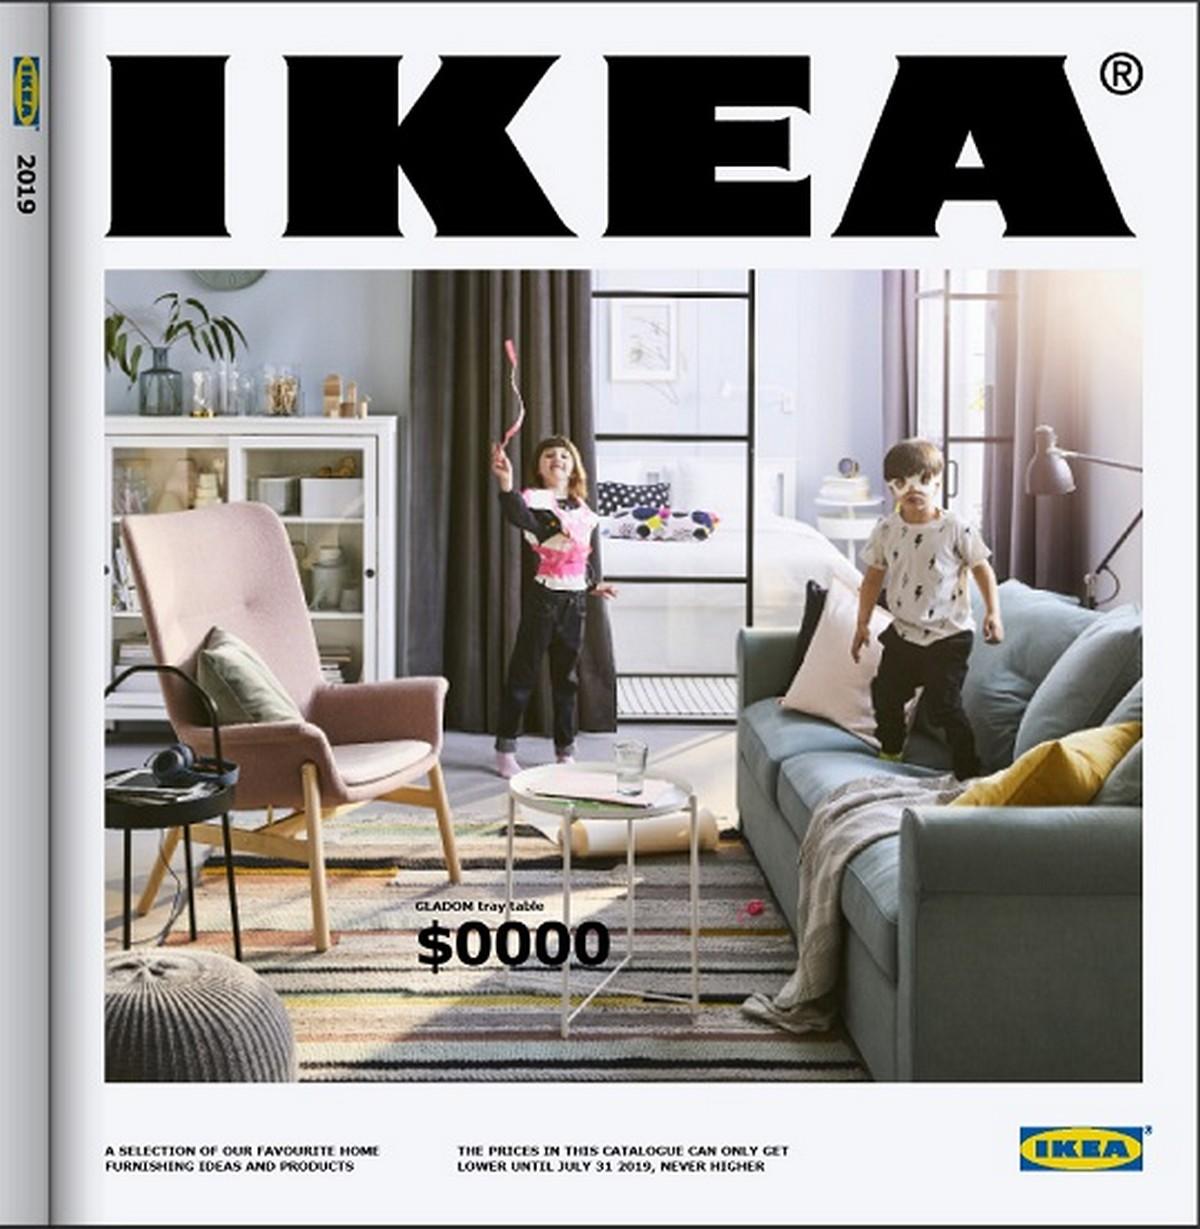 Ikea catalogo 2019 novit foto sette case diverse for Catalogo case